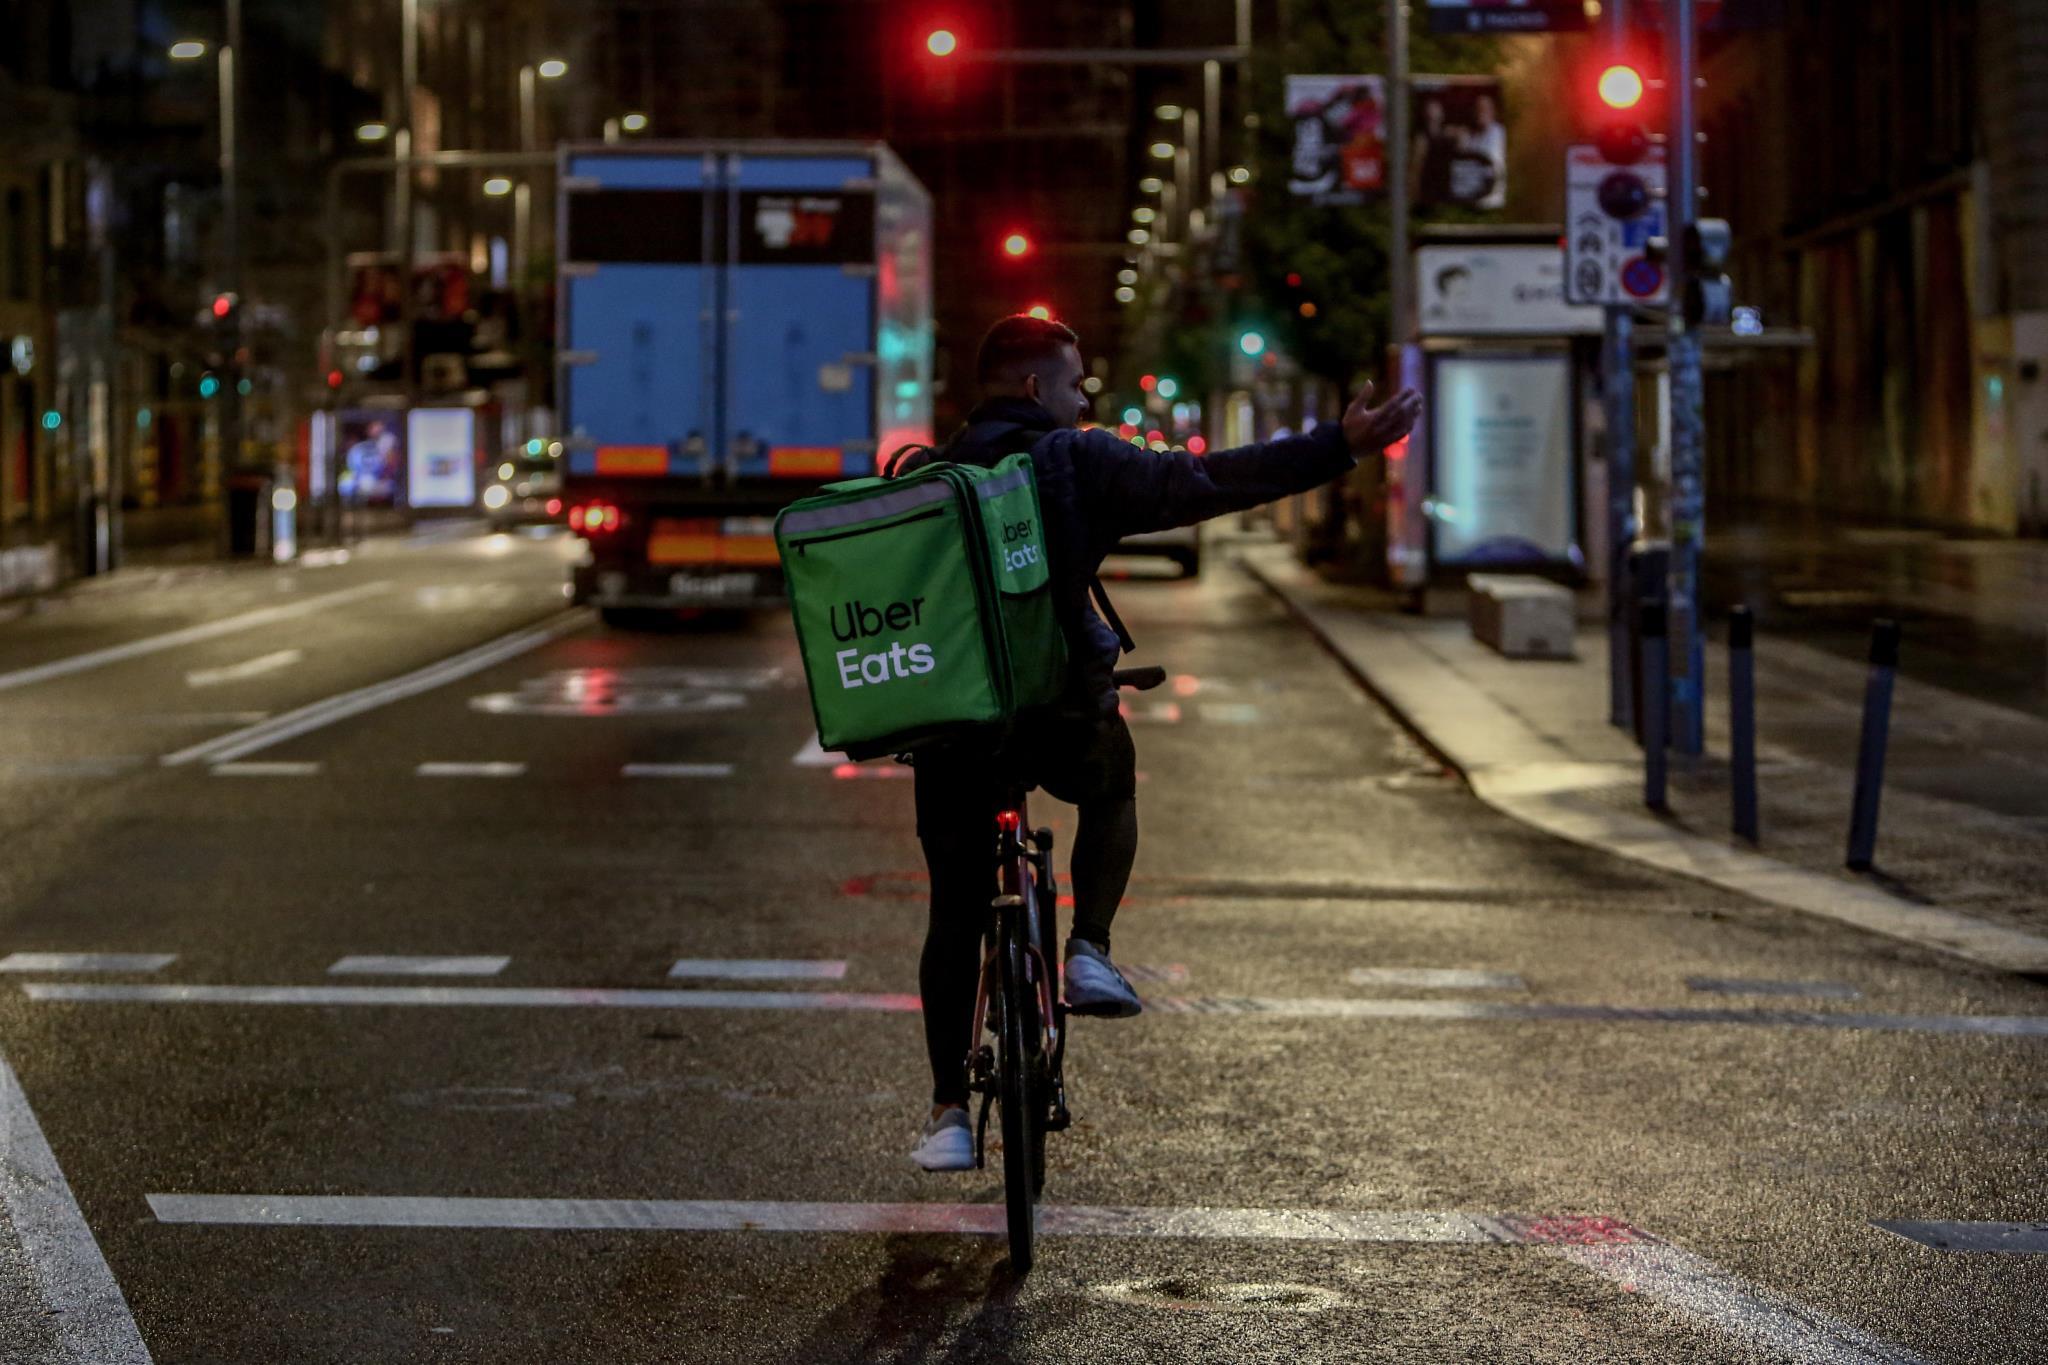 Un rider de Uber Eats circula durante la primera noche de toque de queda en Madrid